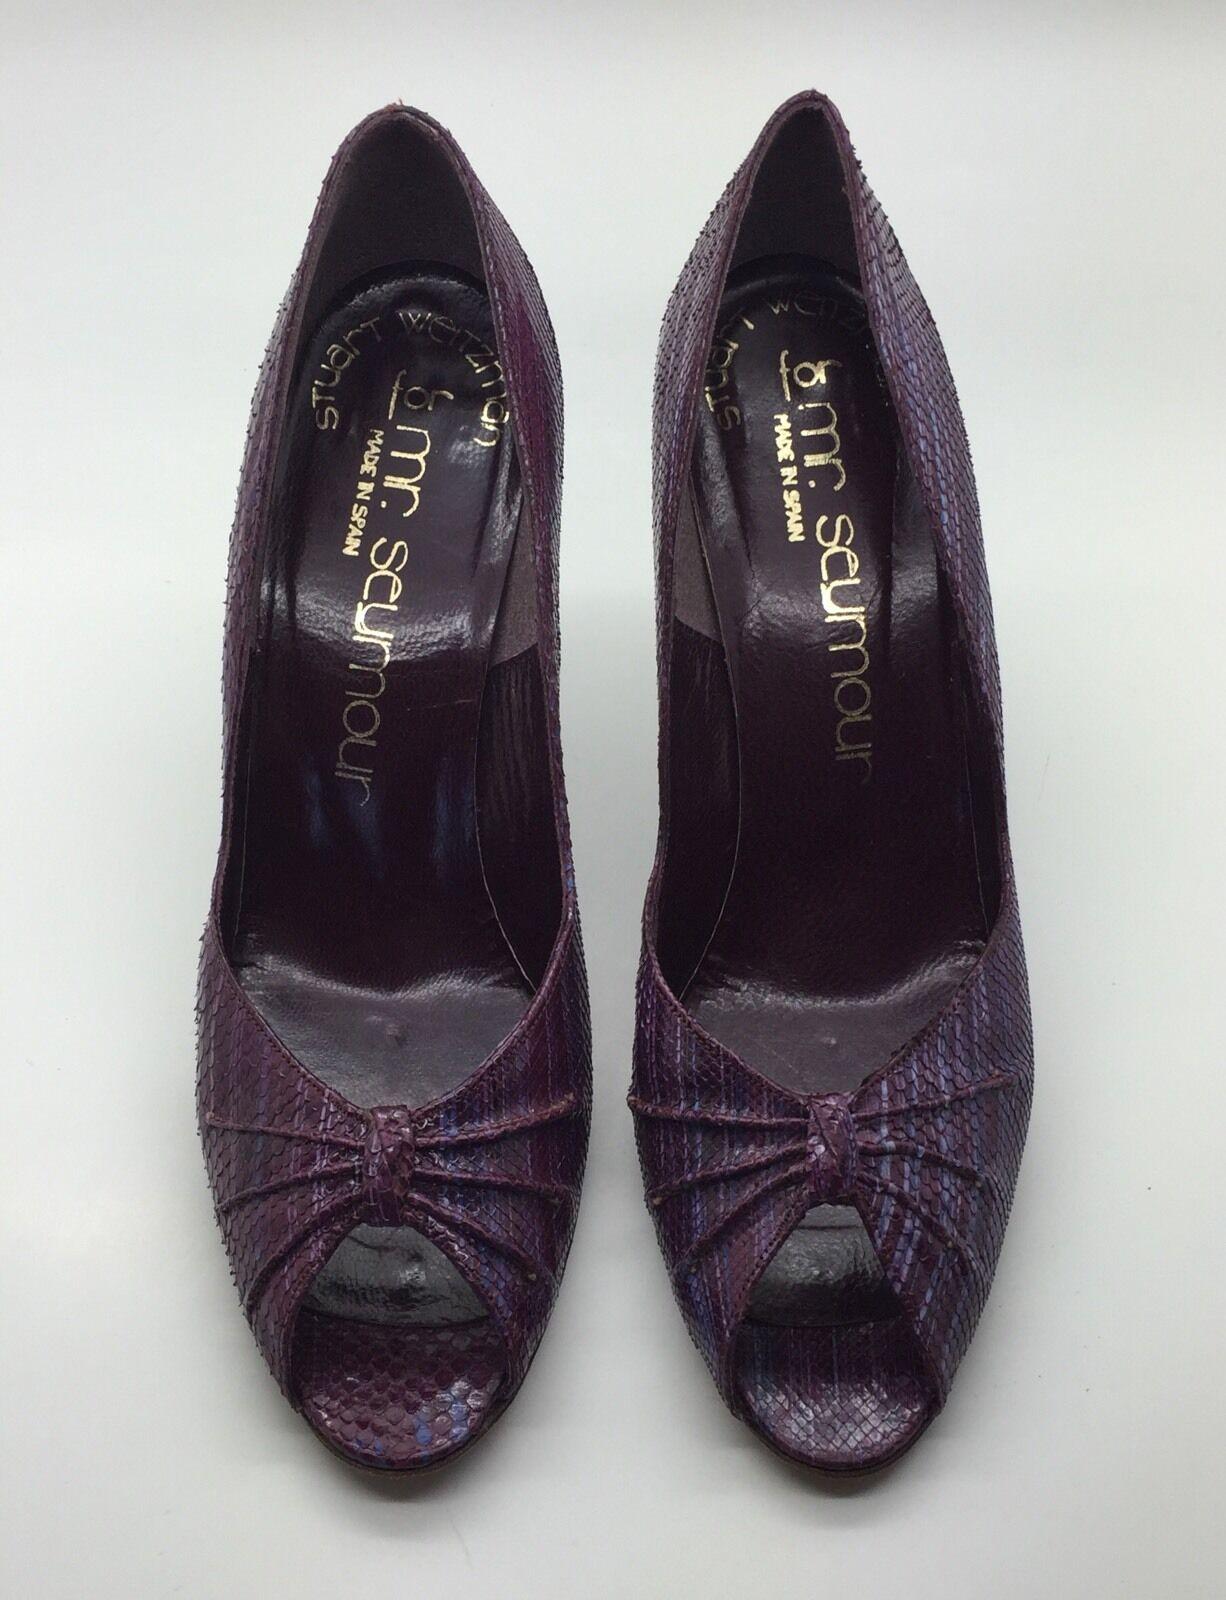 MR. SEYMOUR Purple Snake Skin & Leather Open Toe Stiletto Heels Sz 7.5AA Spain